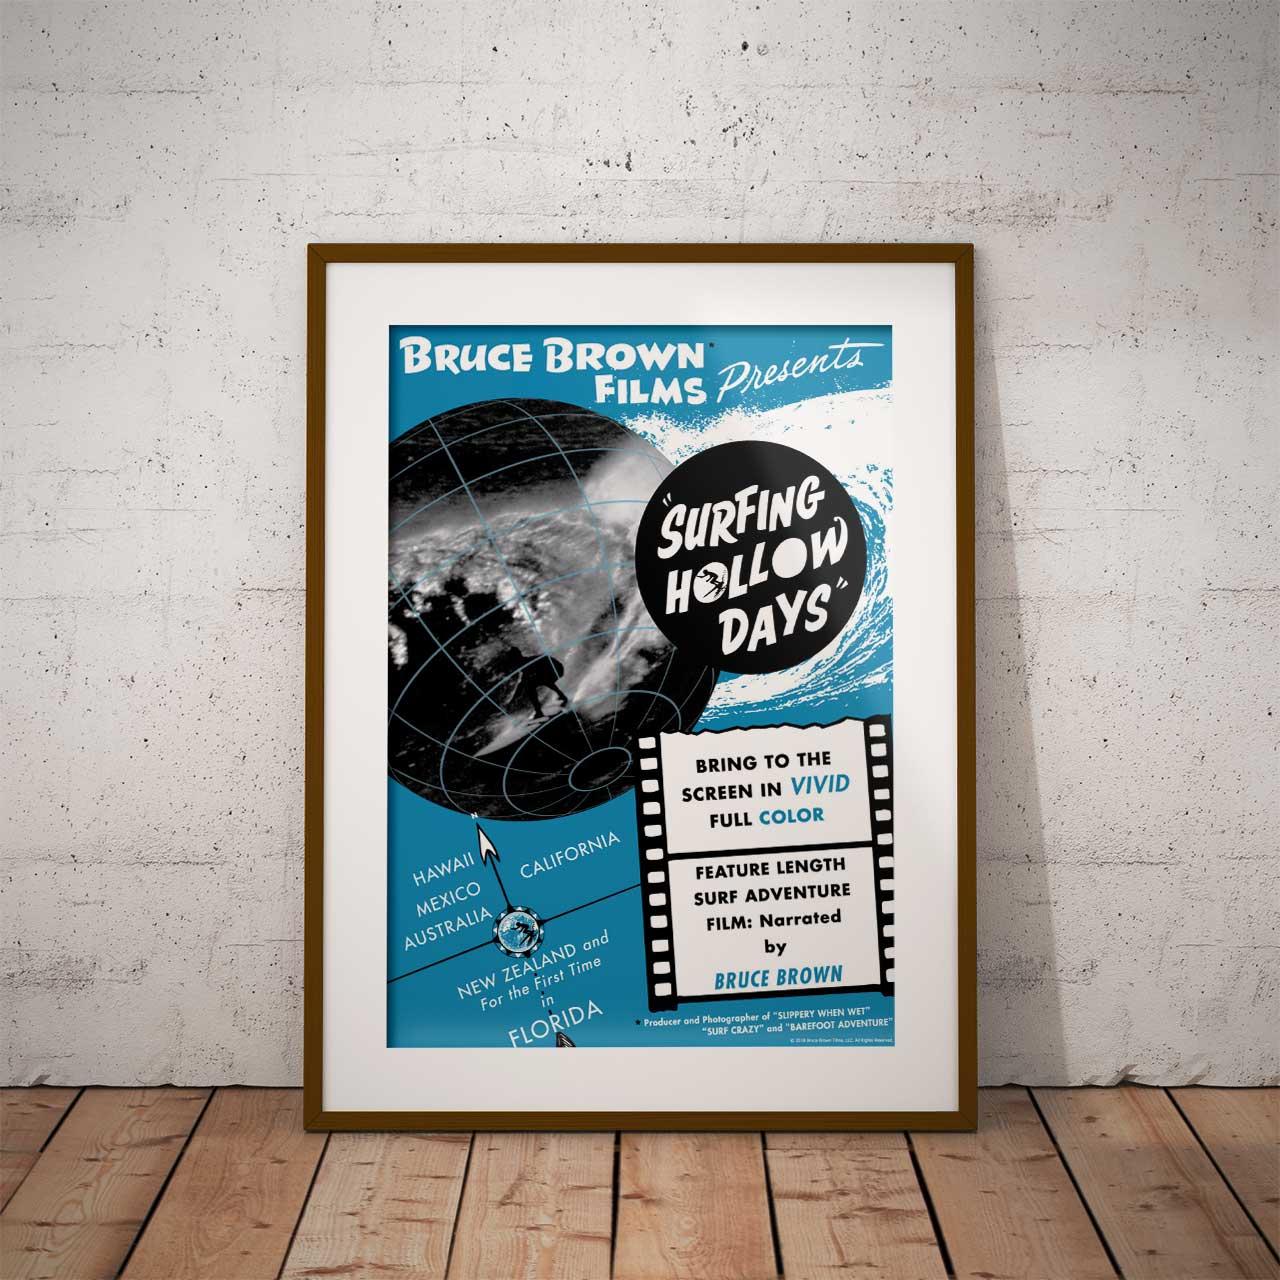 【ブルース・ブラウンフィルム】A3ポスター・Surfing Hollow Days (サーフィンホローデイズ)